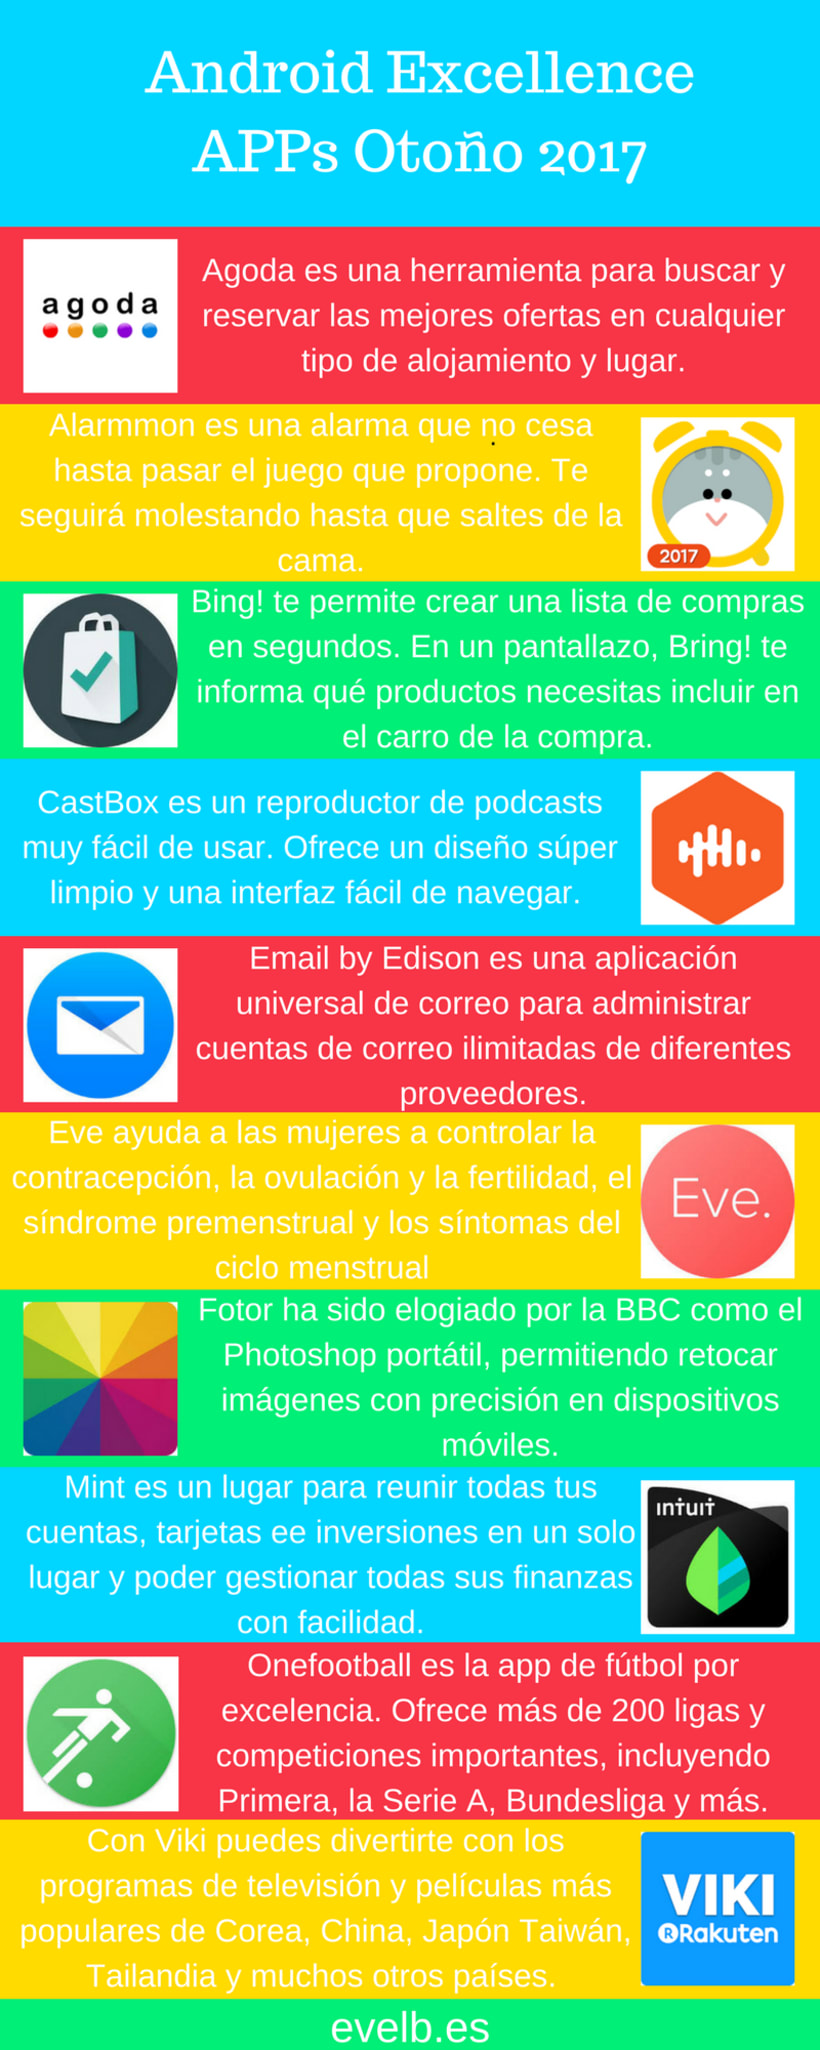 Infografías evelb.es 27